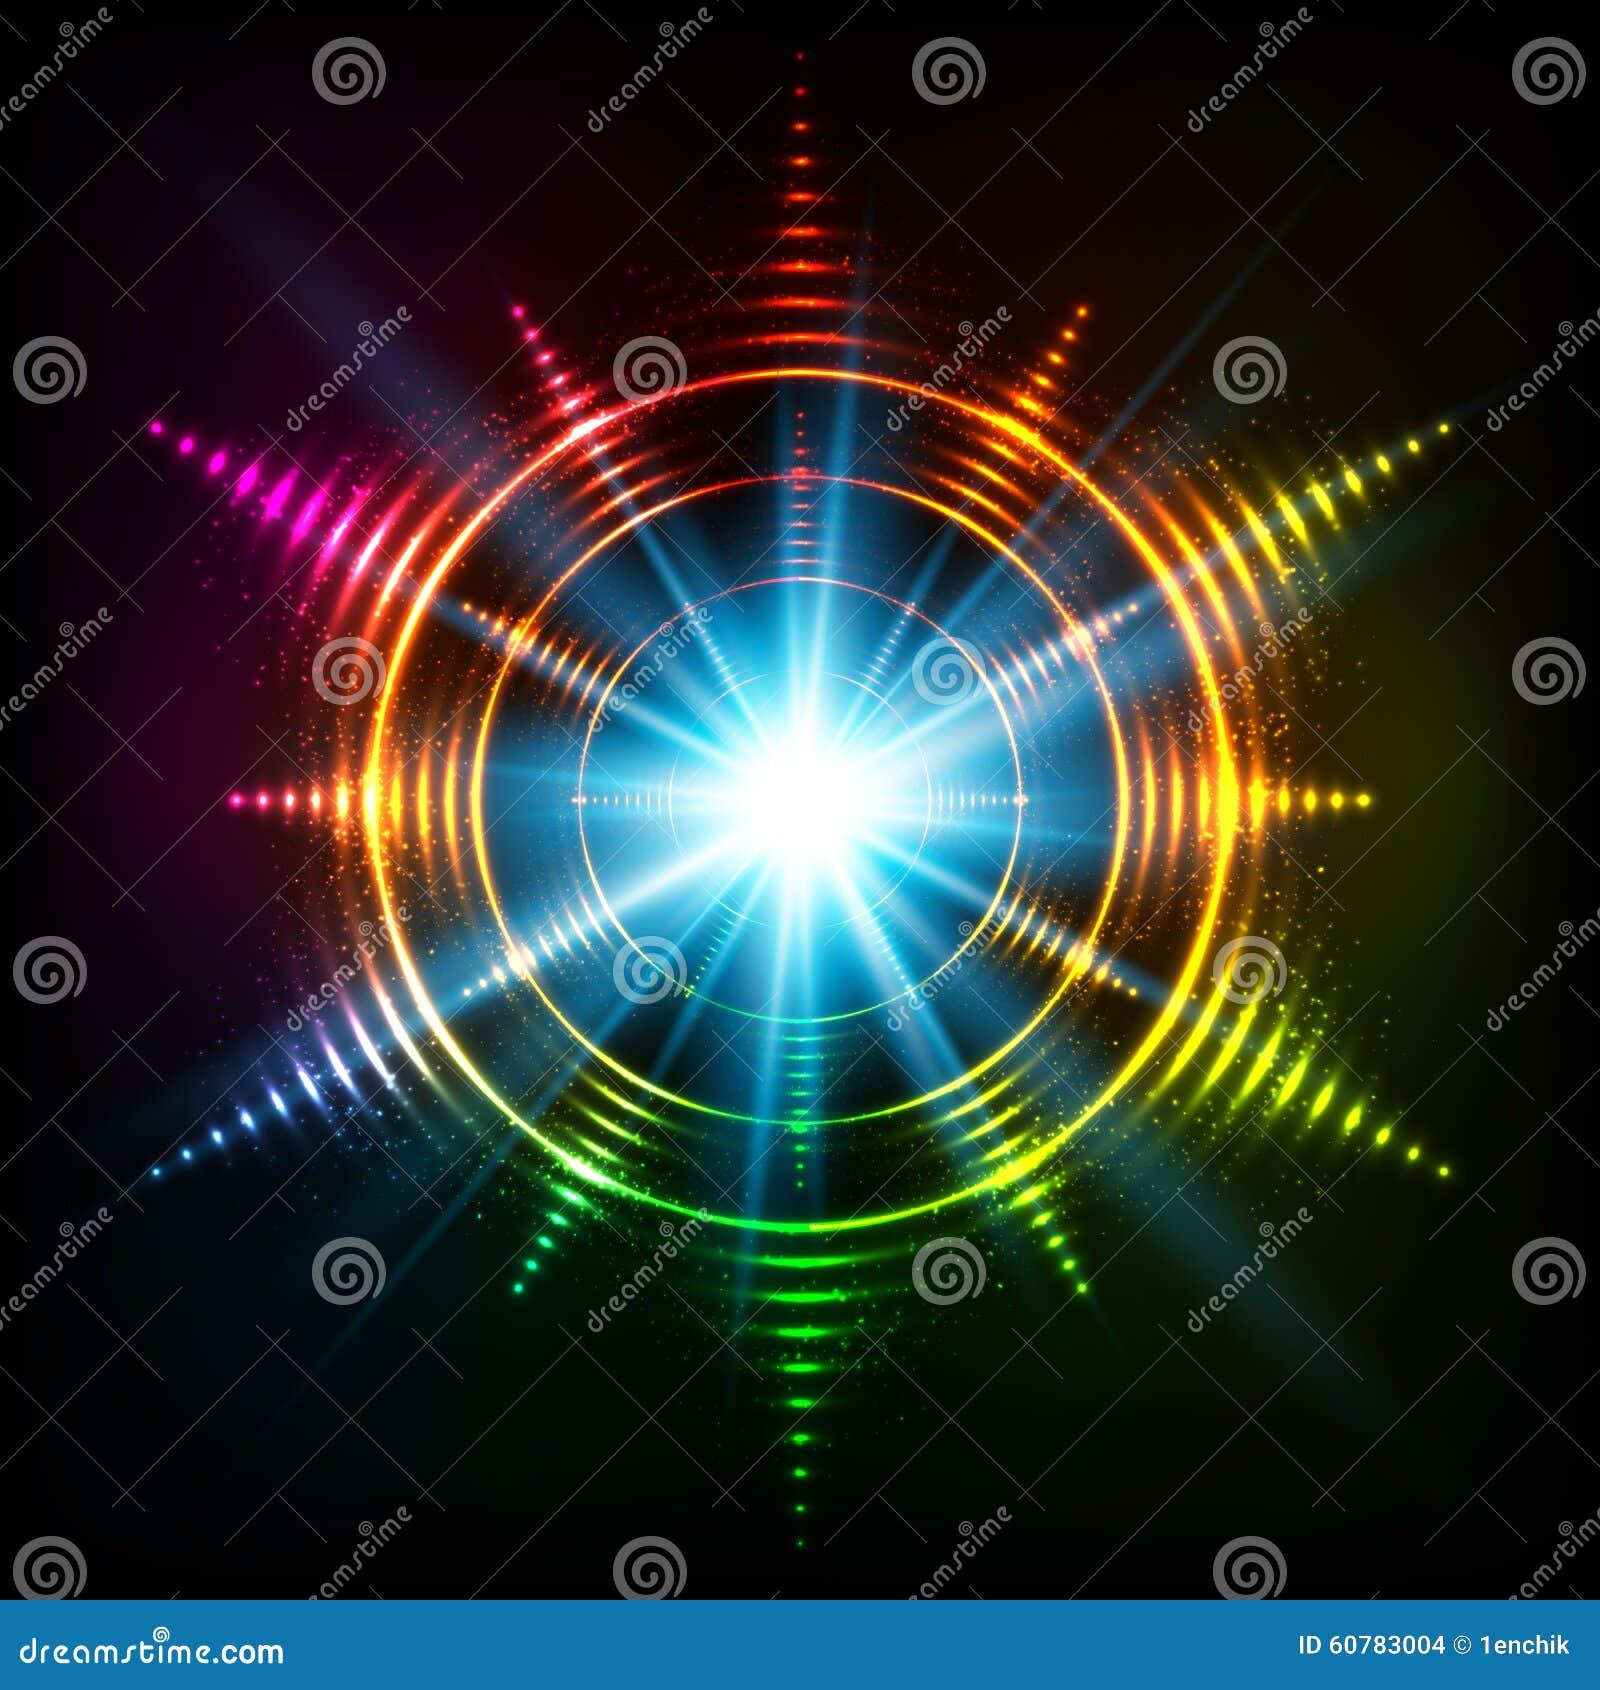 Kosmischer Stern Des Abstrakten Regenbogenneonspiralen-Vektors ...